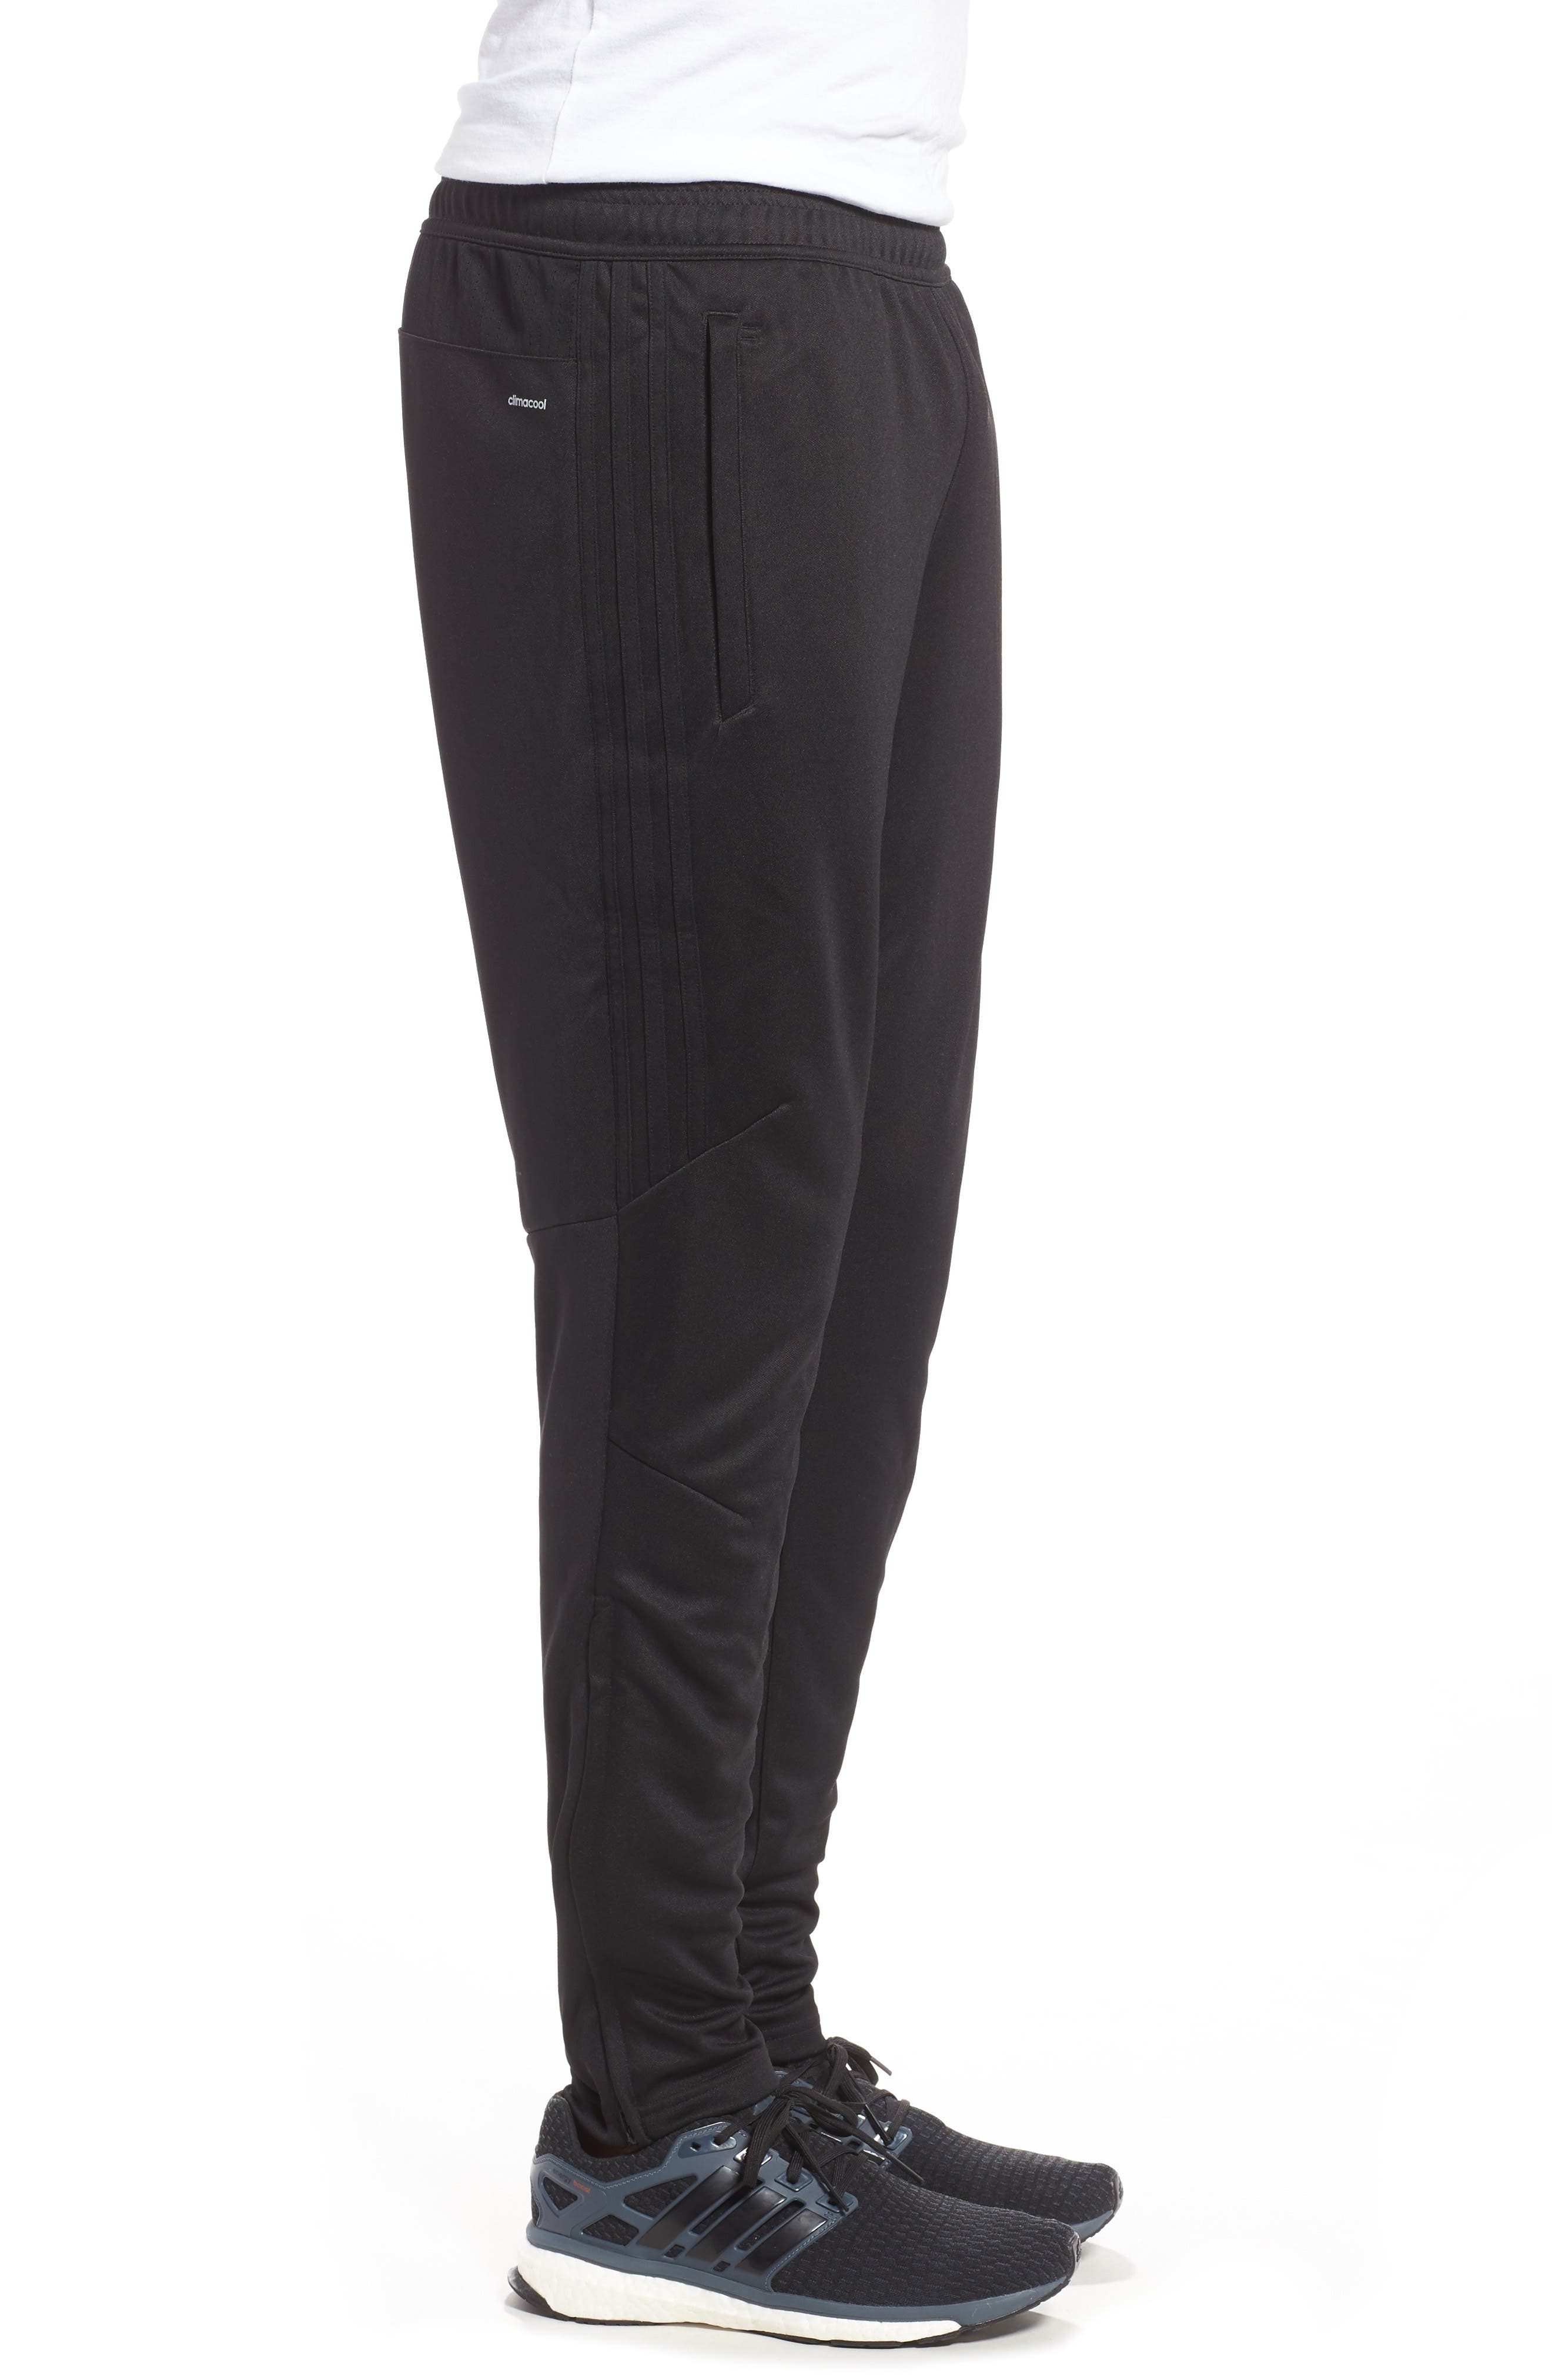 Tiro 17 Training Pants,                             Alternate thumbnail 3, color,                             Black/ White